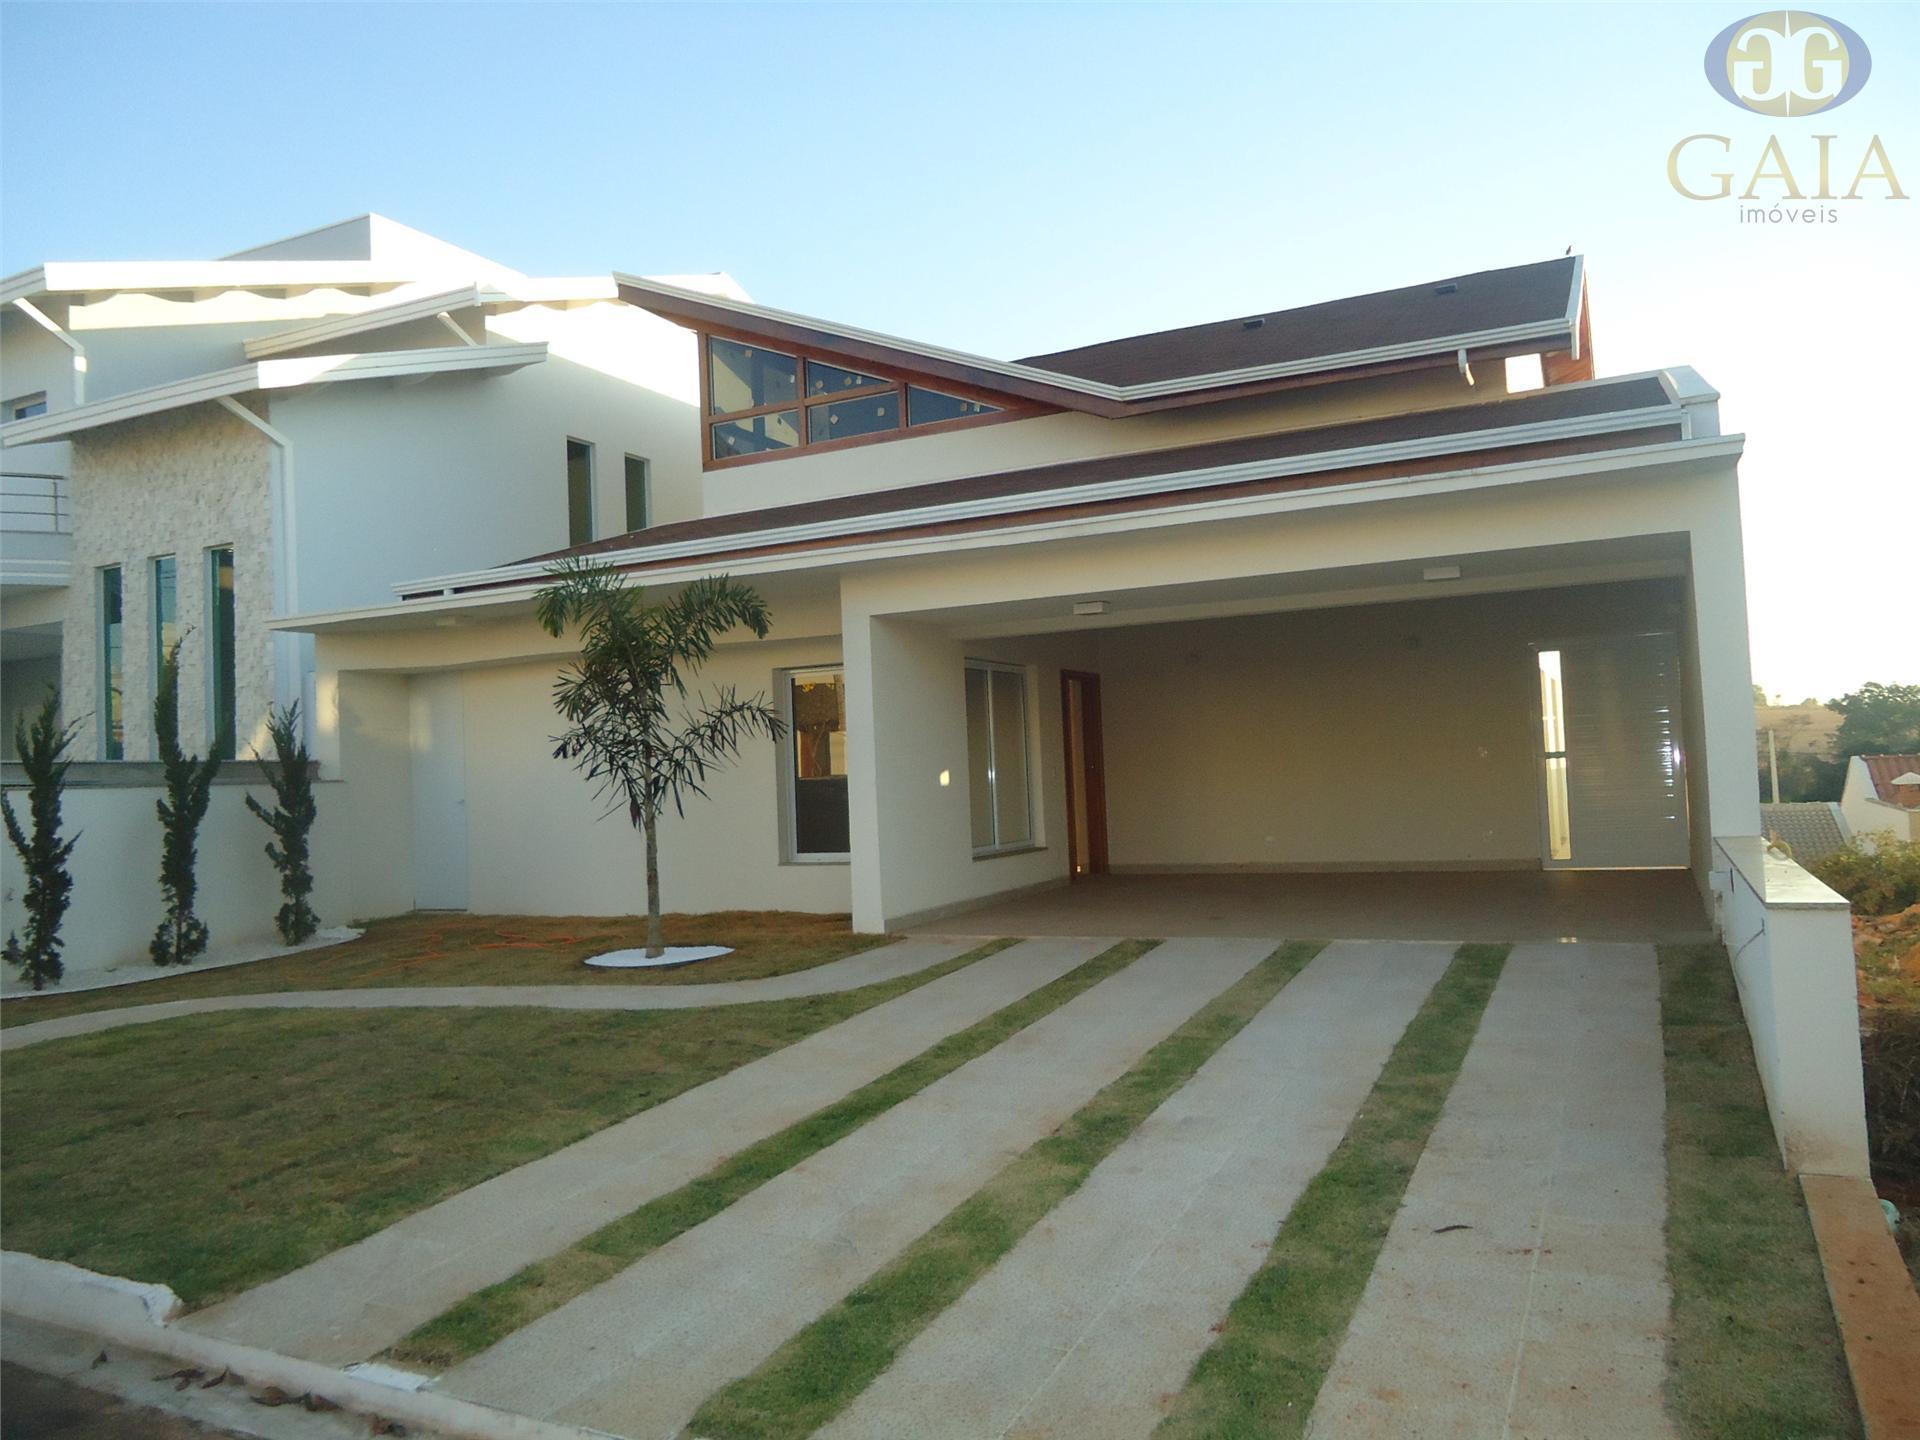 Casa residencial à venda, Jardim Macarenko, Sumaré - CA0011.